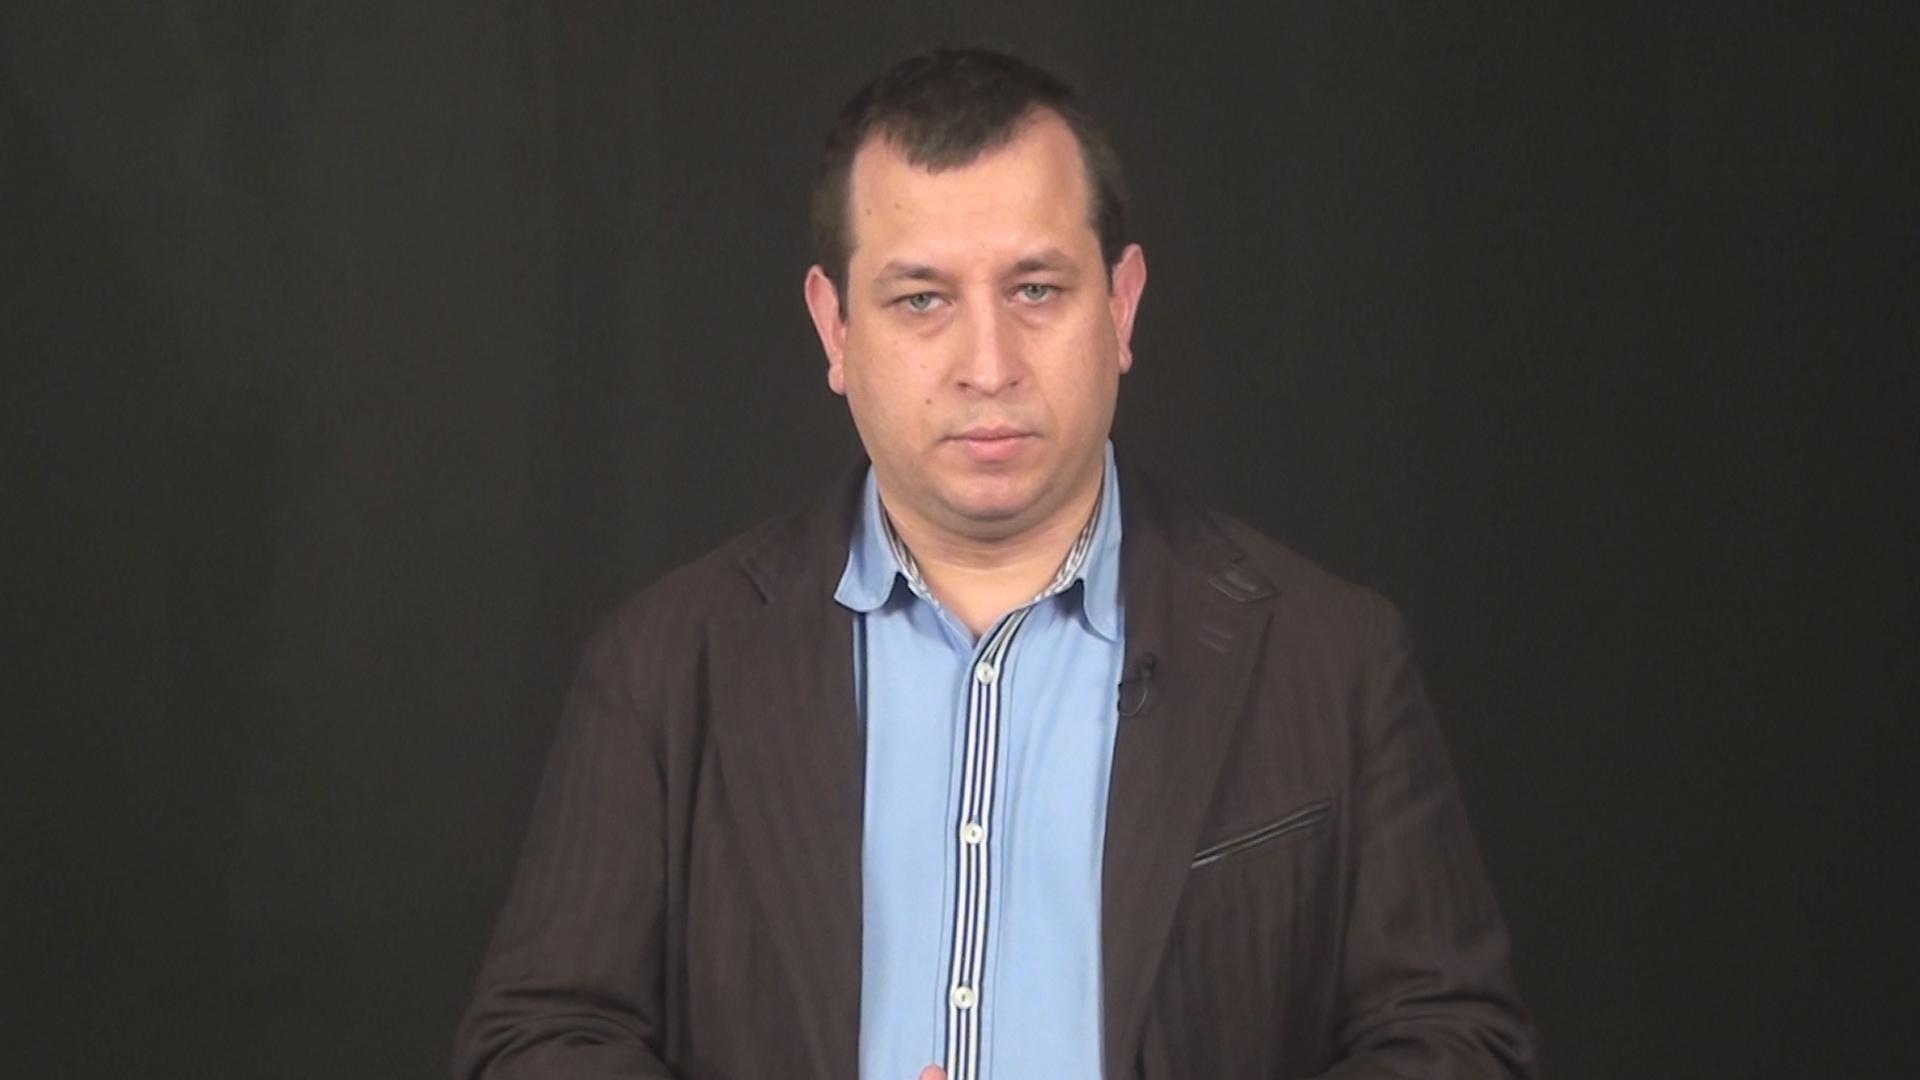 Francisco Sanjuán Andrés